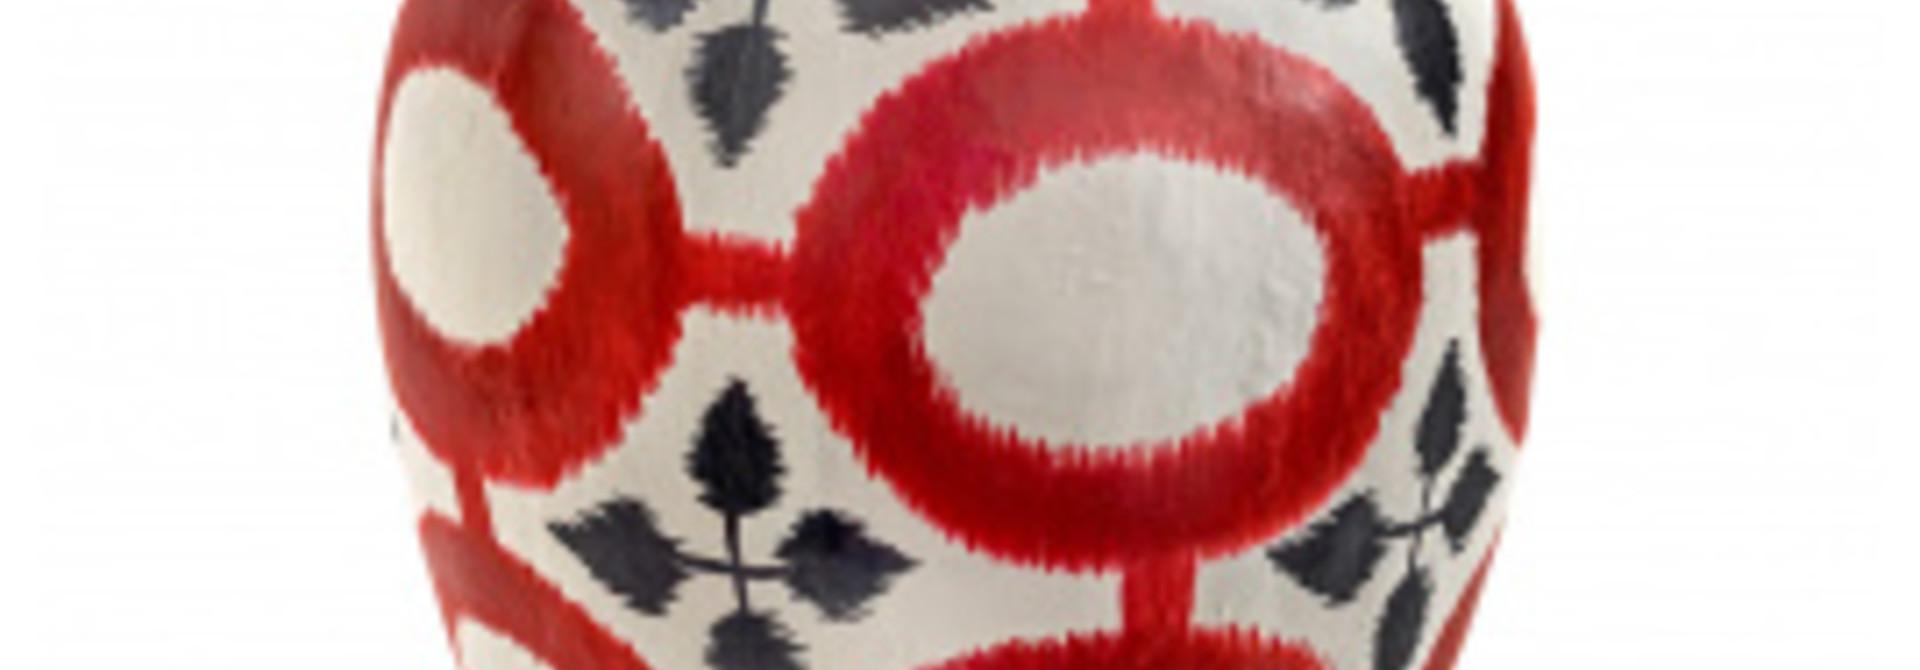 Vase - Borchgrave - Paper Mache - Red